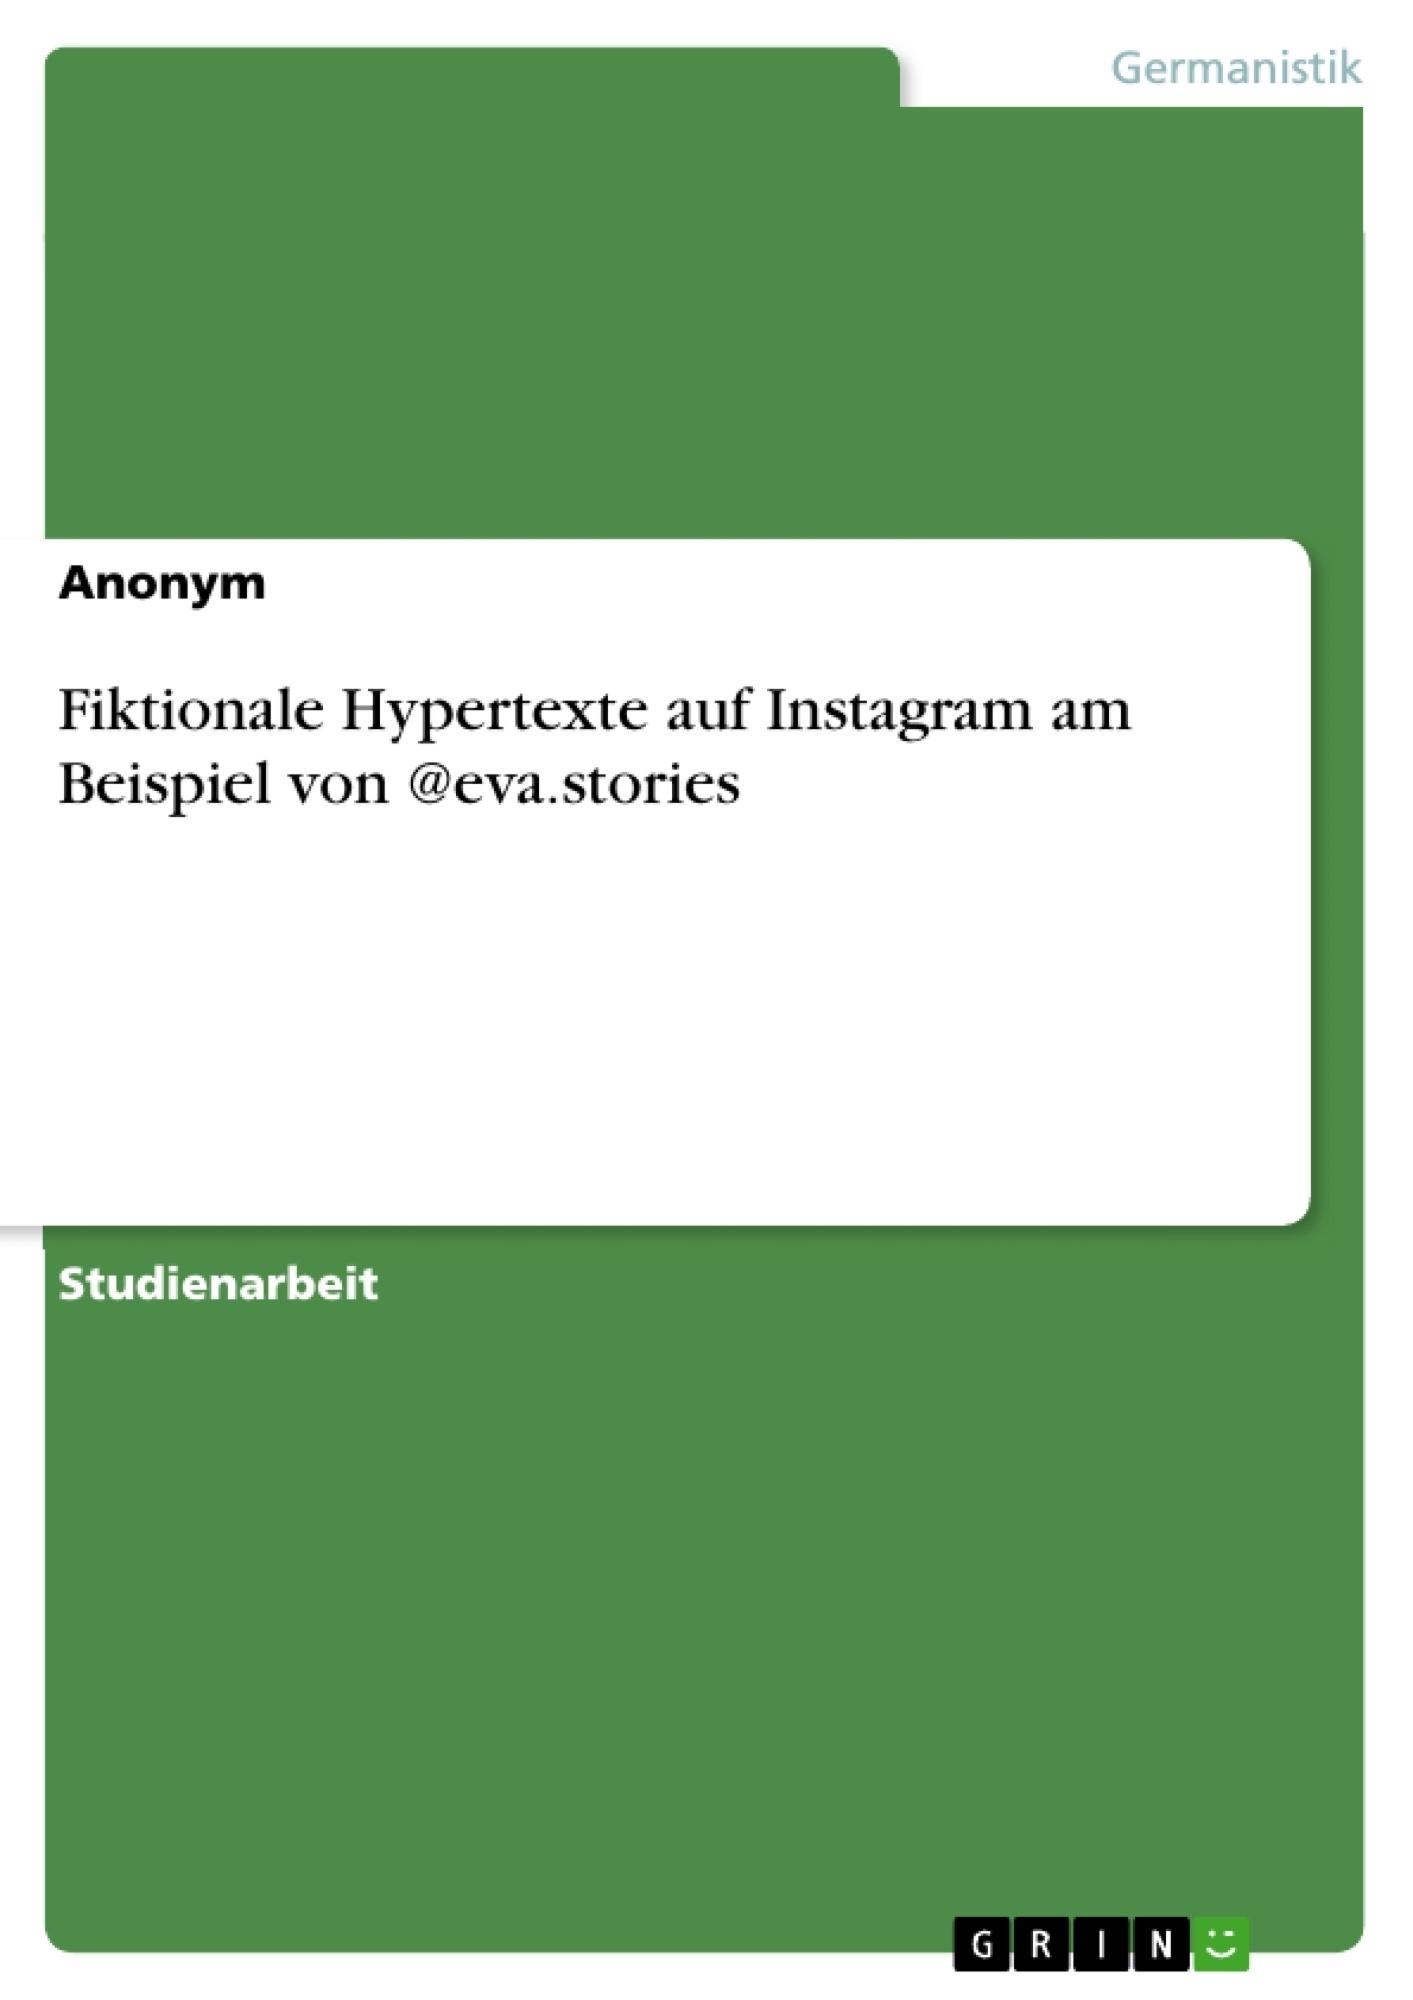 Titel: Fiktionale Hypertexte auf Instagram am Beispiel von @eva.stories